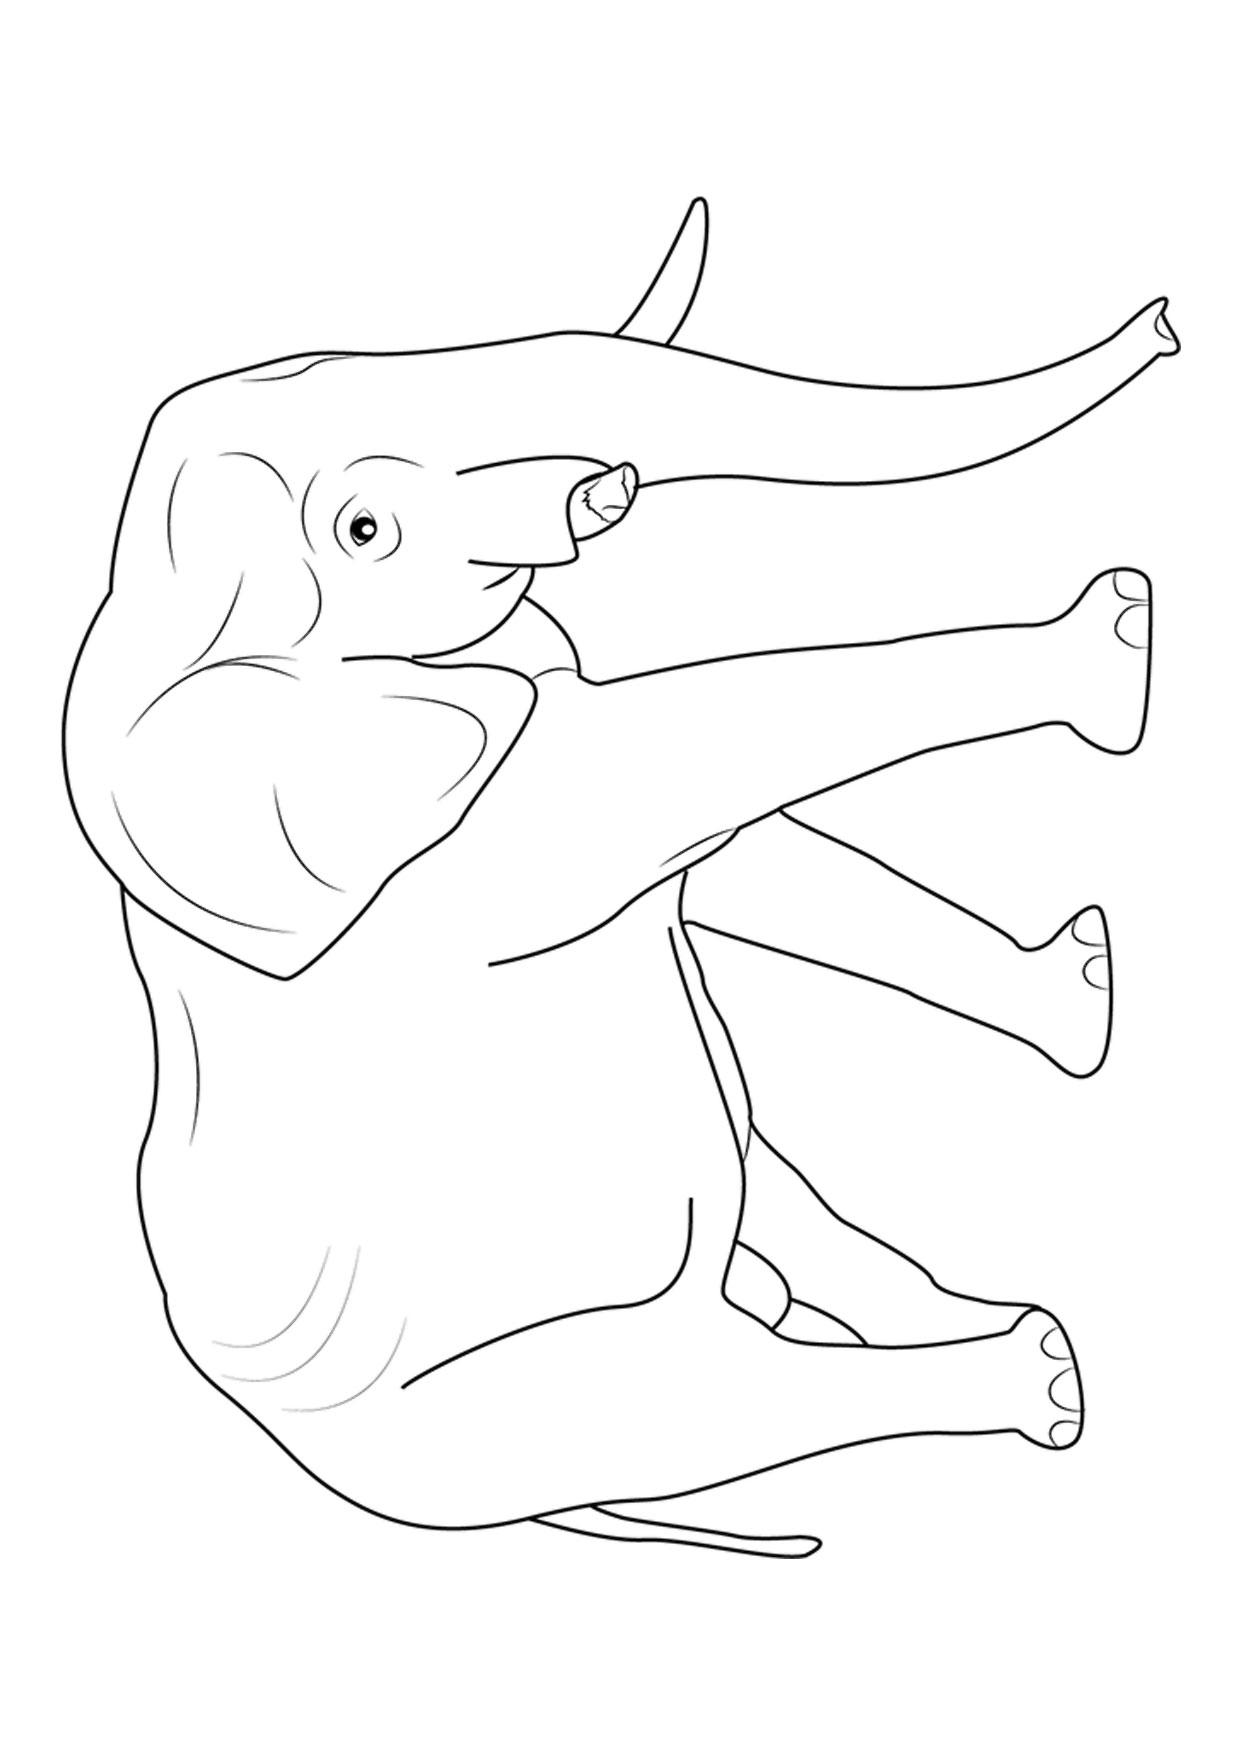 Disegno di elefanti da colorare 19